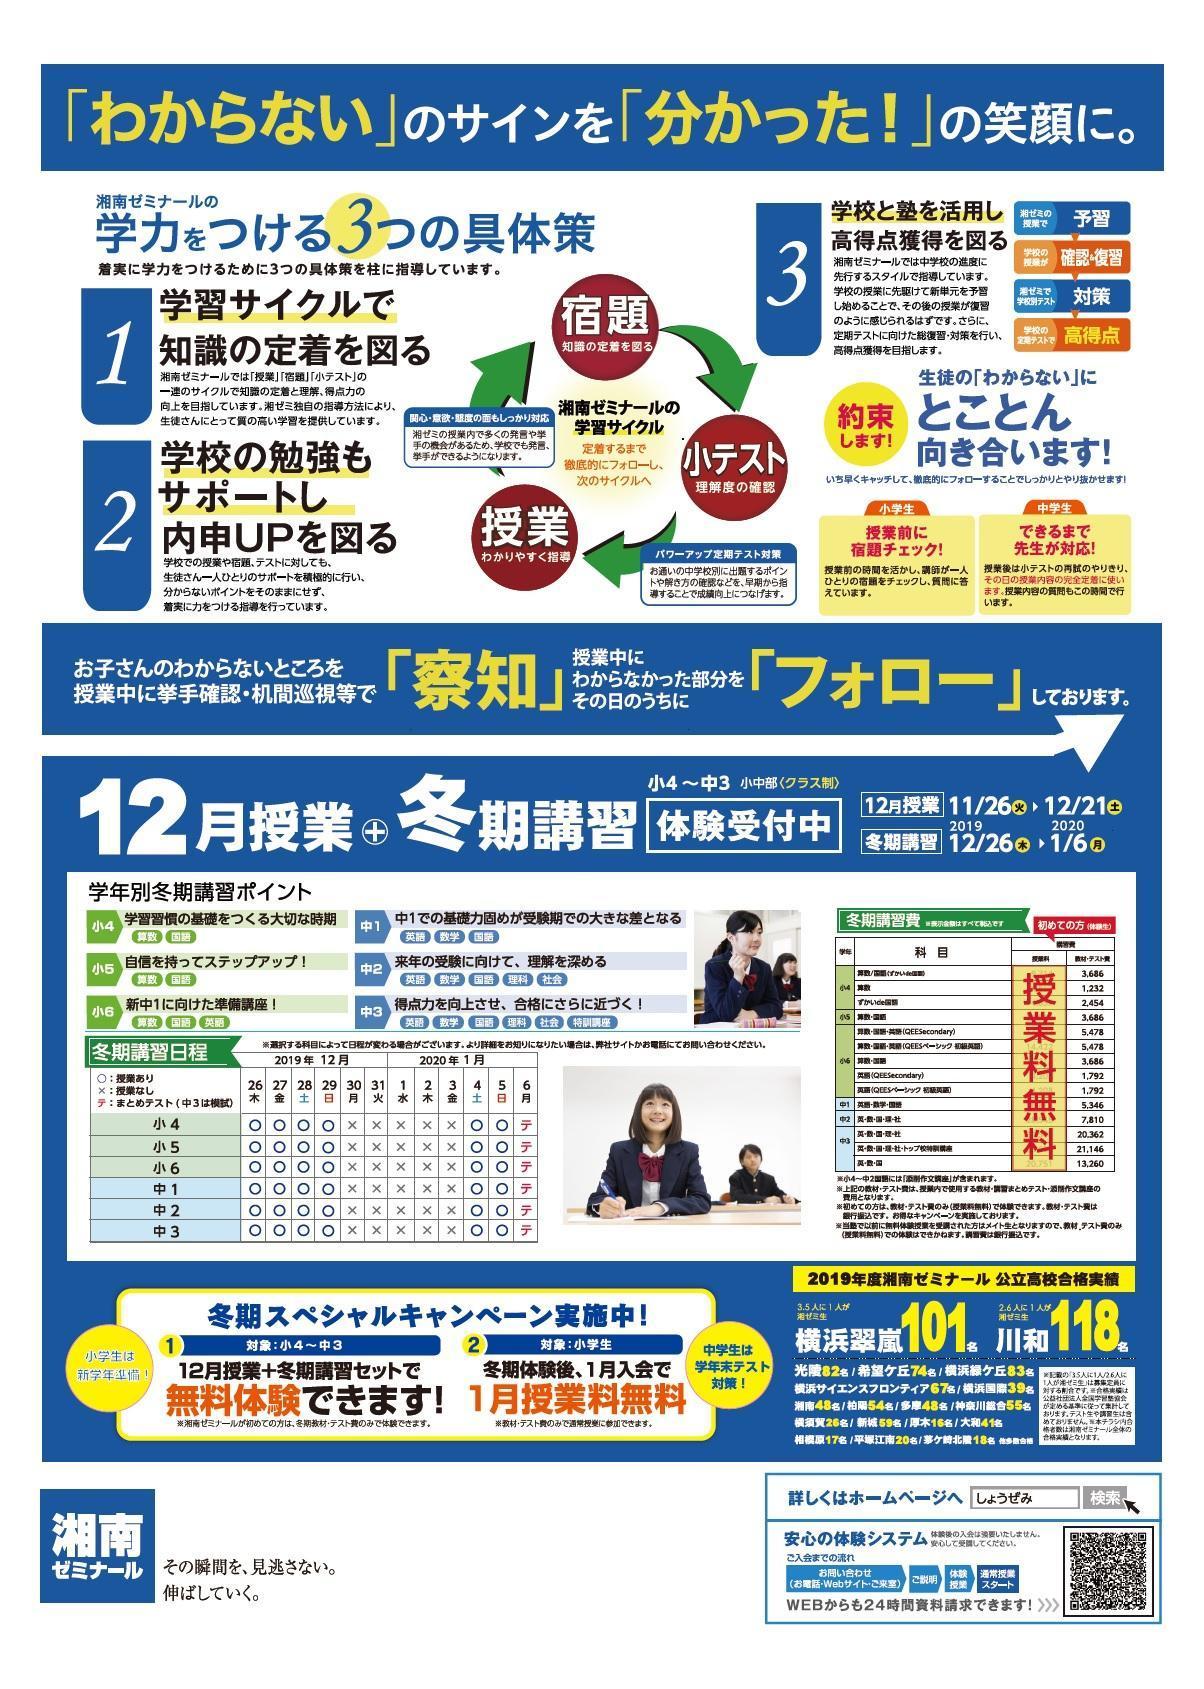 神奈川_冬期チラシ裏面(11月8日折込分) (1).jpg